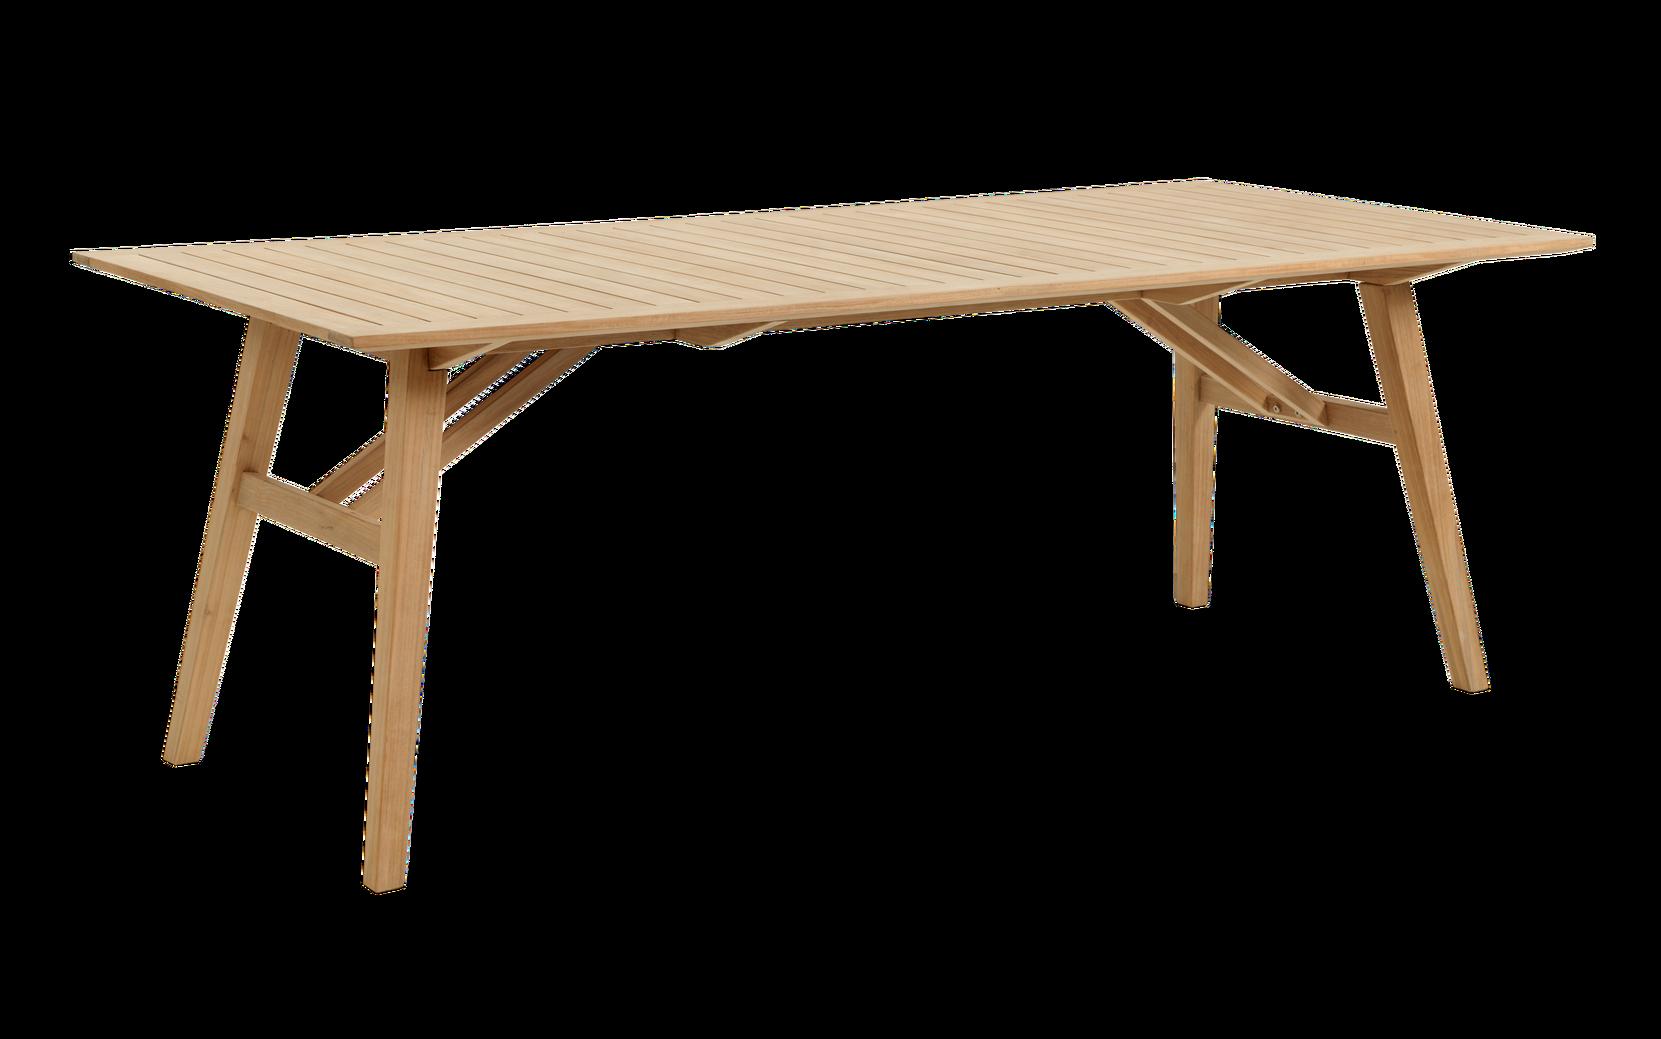 Brafab - CHIOS matbord 100x220 cm - Natur